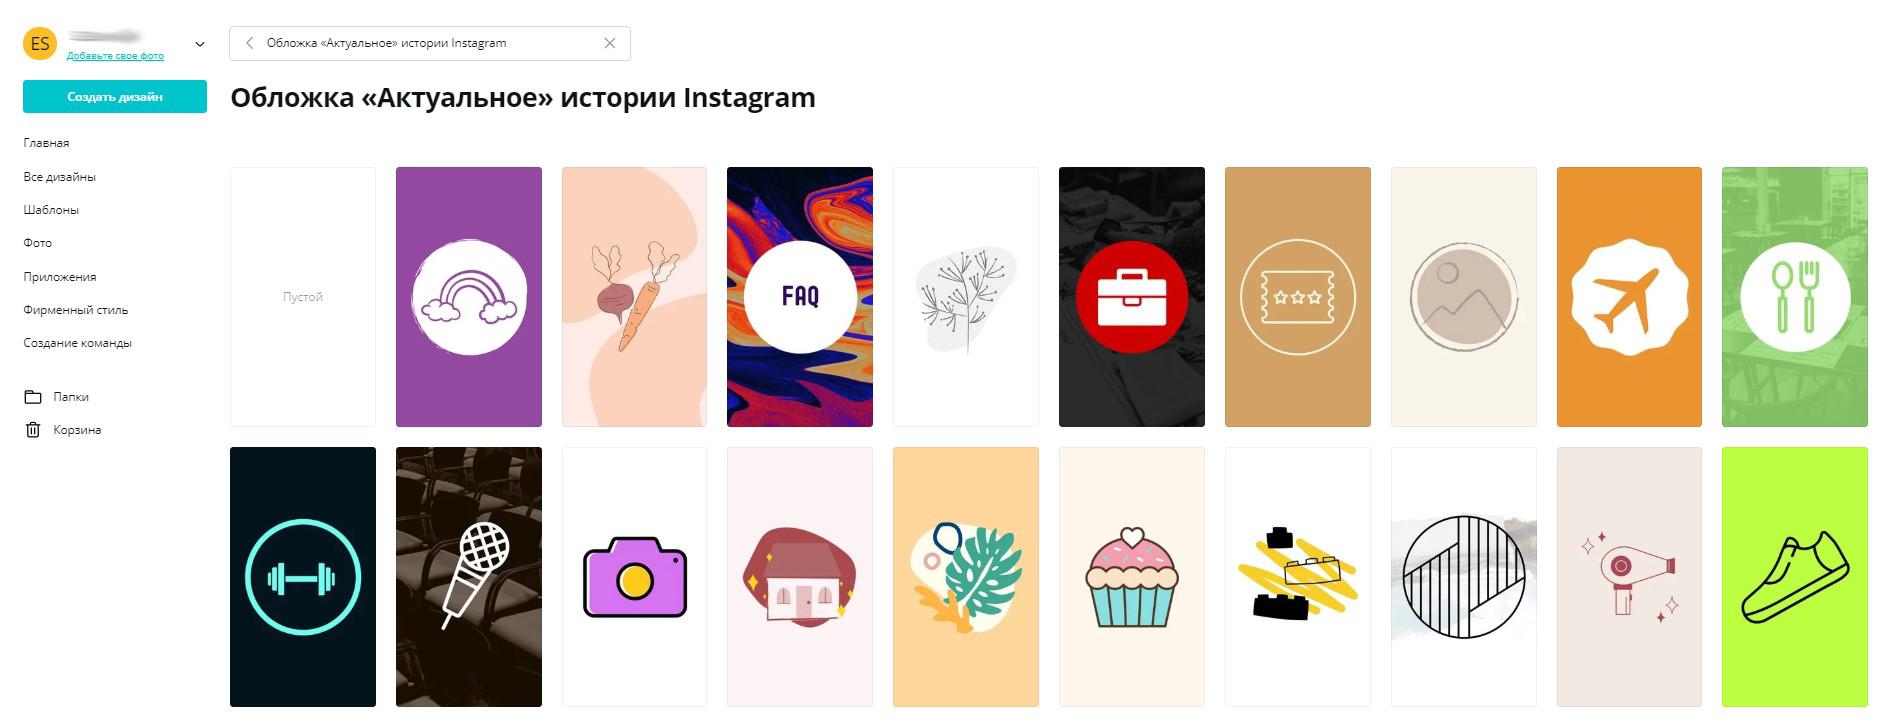 Блог обложка инстаграм